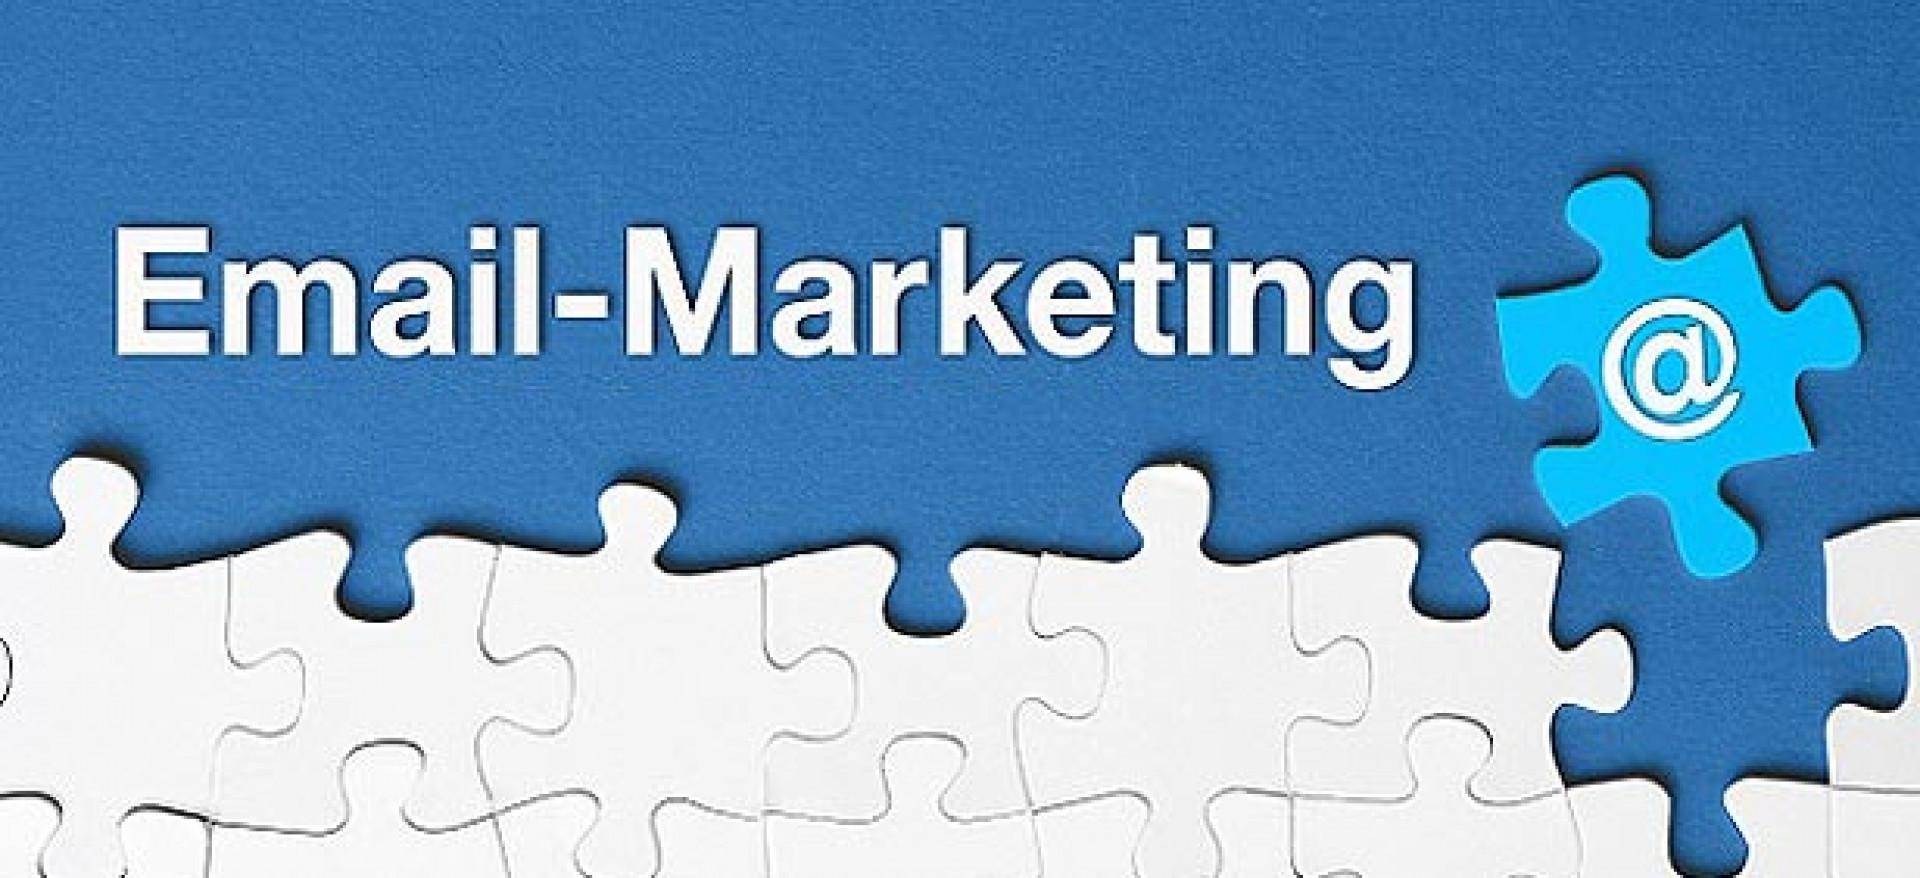 9 Dicas de Email Marketing: Estratégia, Boas Práticas e Conteudo